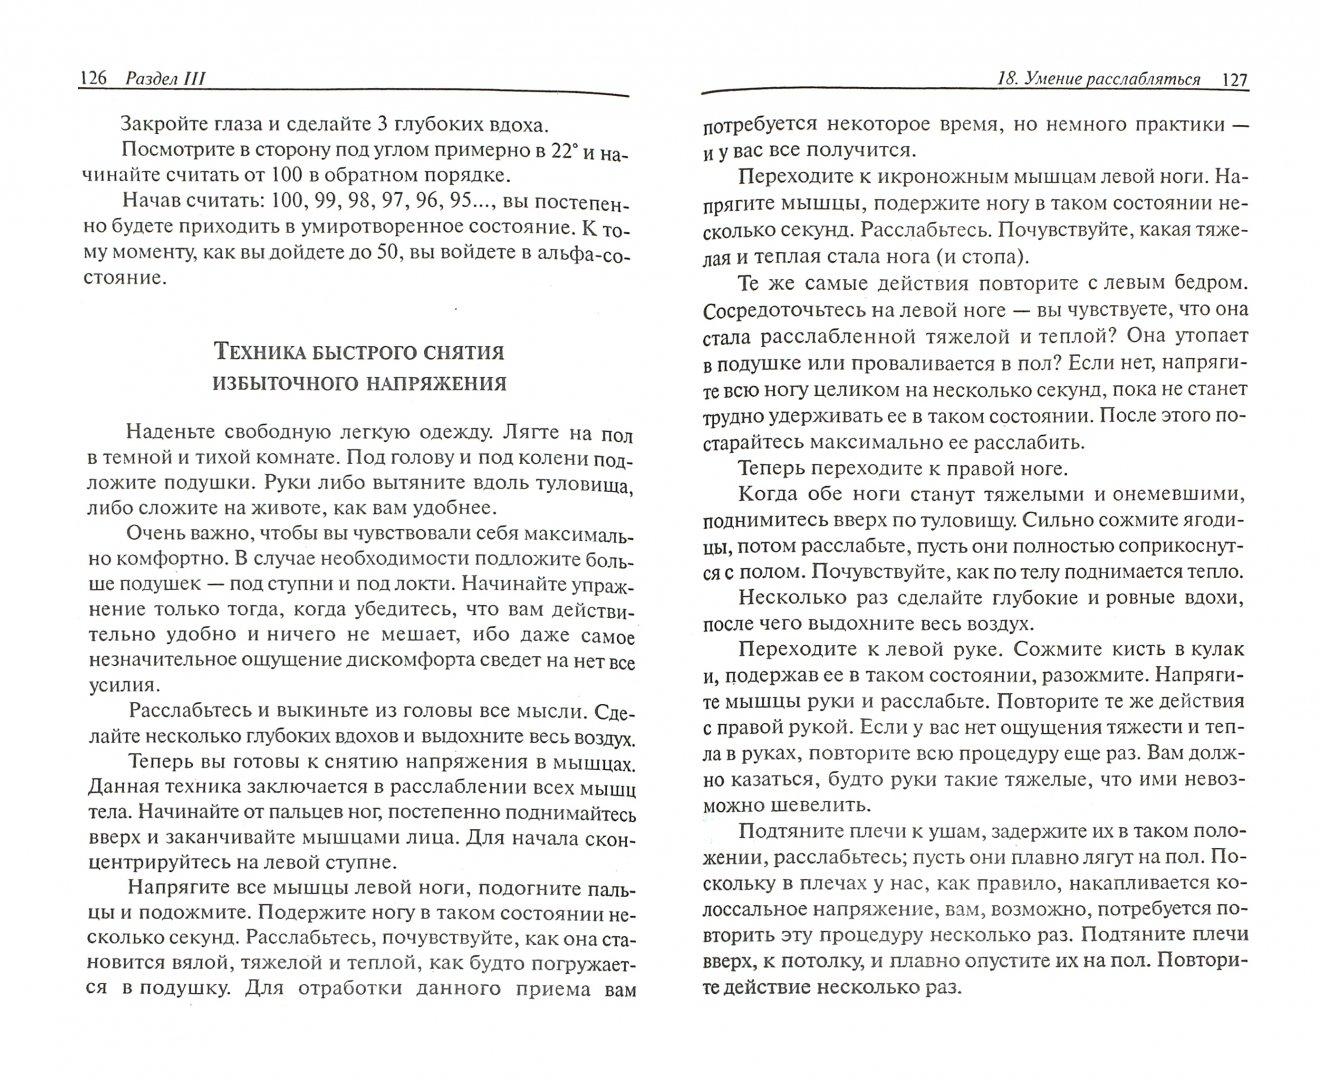 Иллюстрация 1 из 9 для Полное очищение организма от шлаков, токсинов и канцерогенов - Танушри Поддер | Лабиринт - книги. Источник: Лабиринт